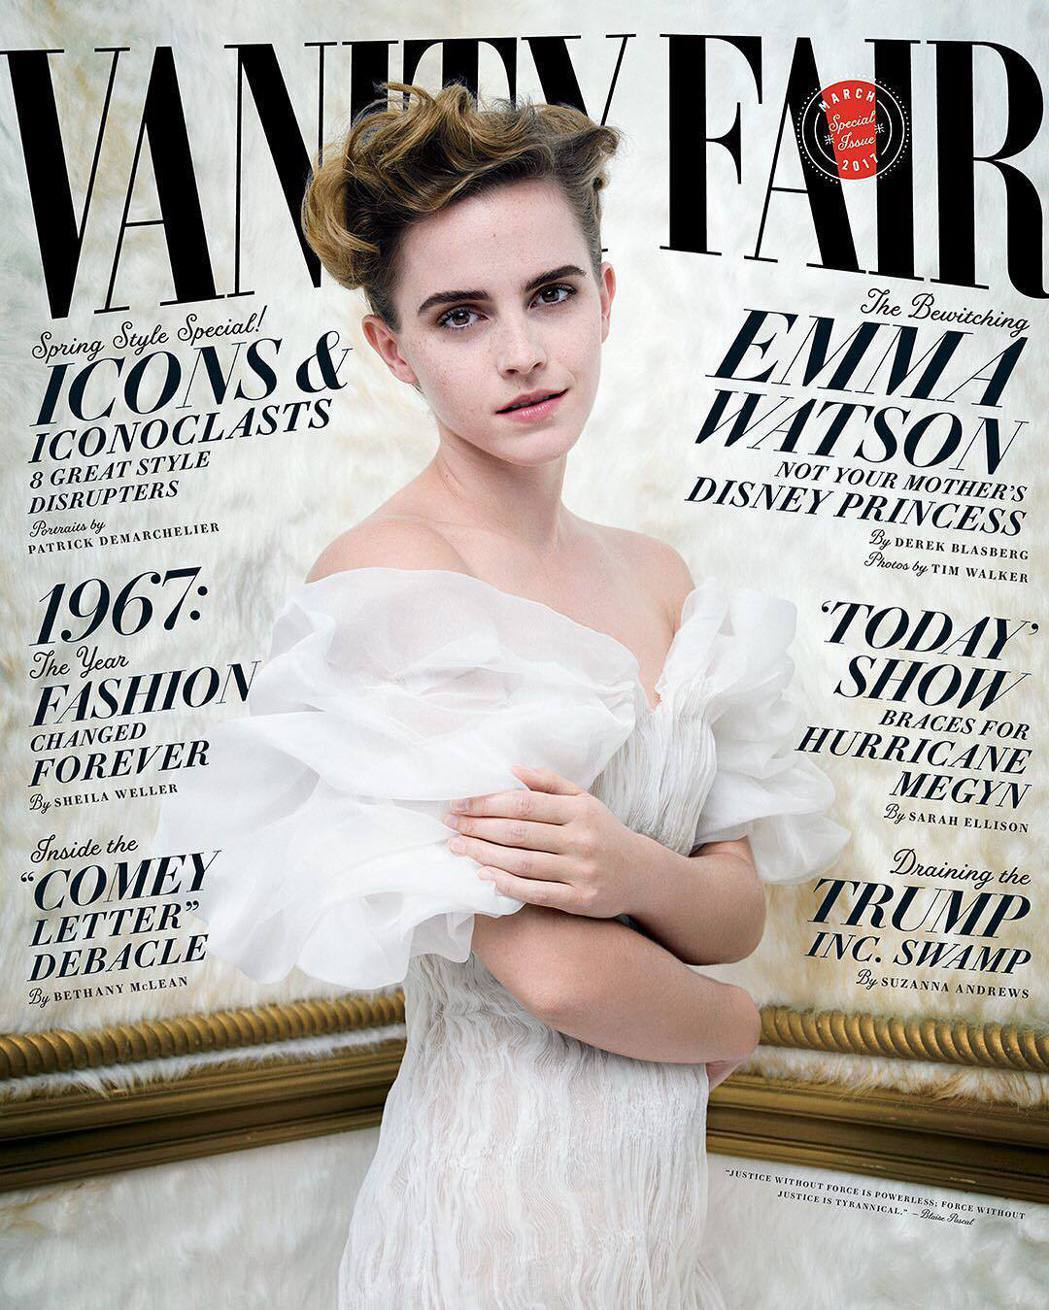 艾瑪華森登上「浮華世界」雜誌封面。圖/摘自Vanity Fair Instagr